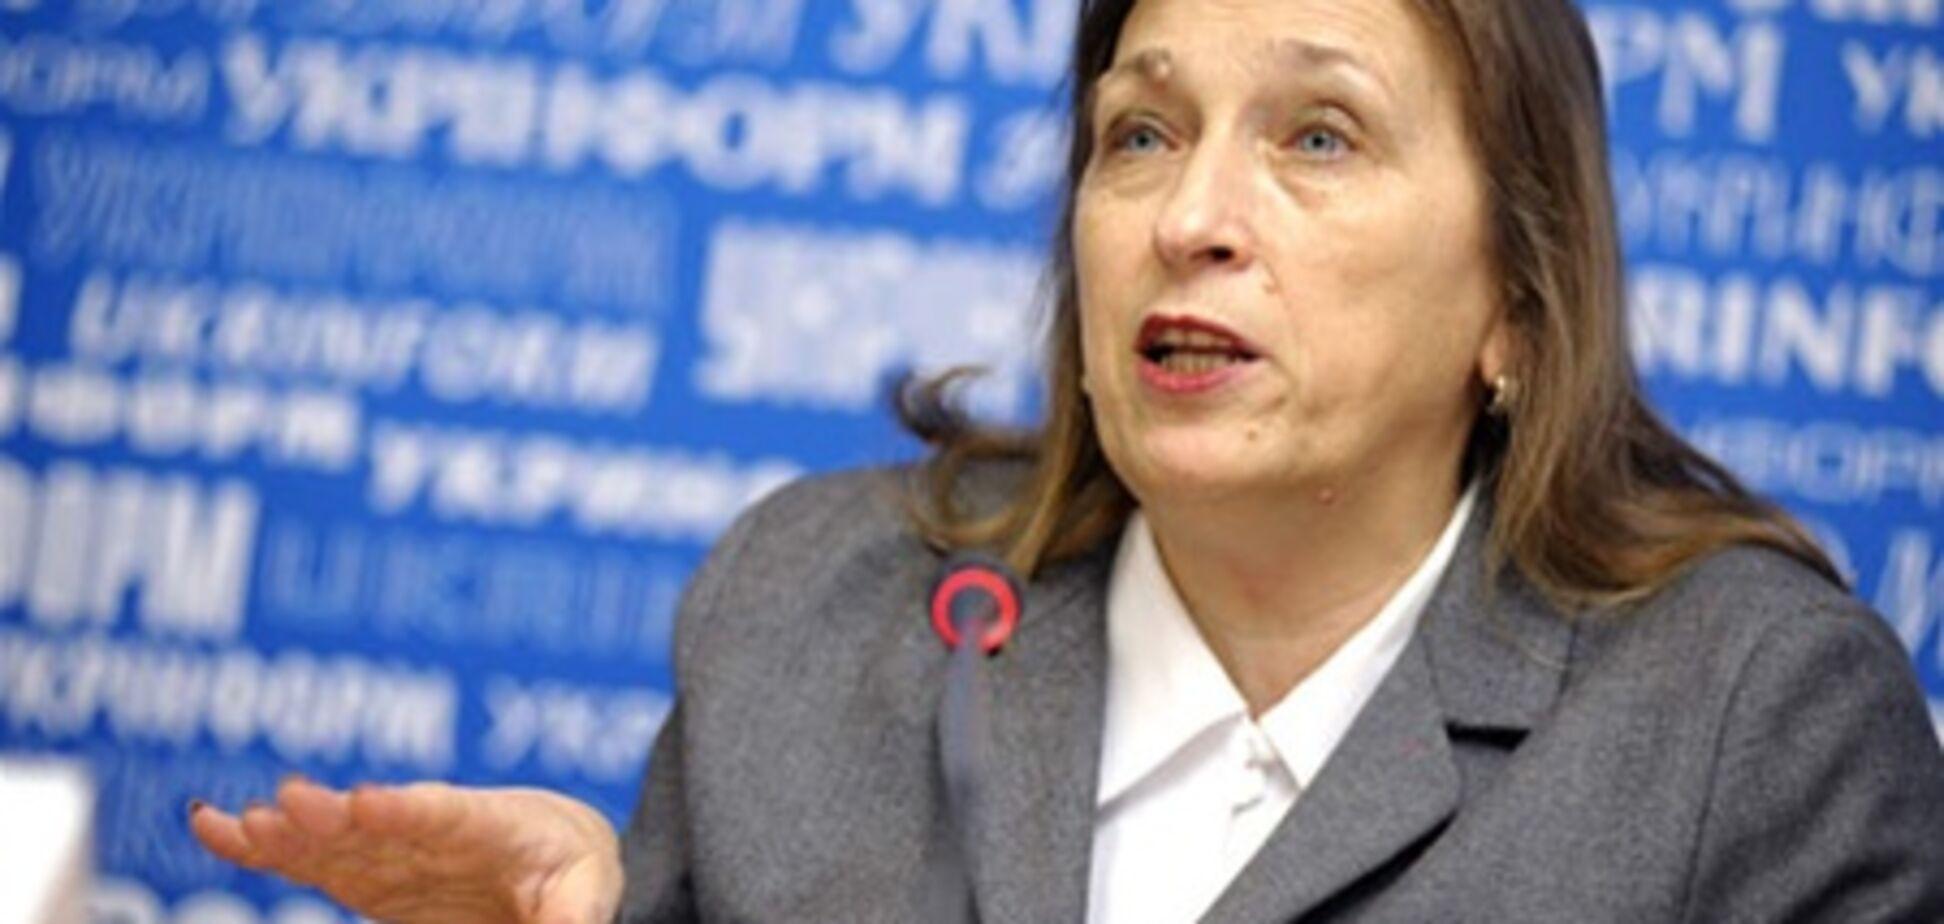 Ірина Бекешкіна: Вибори-2012 - це тест на демократію